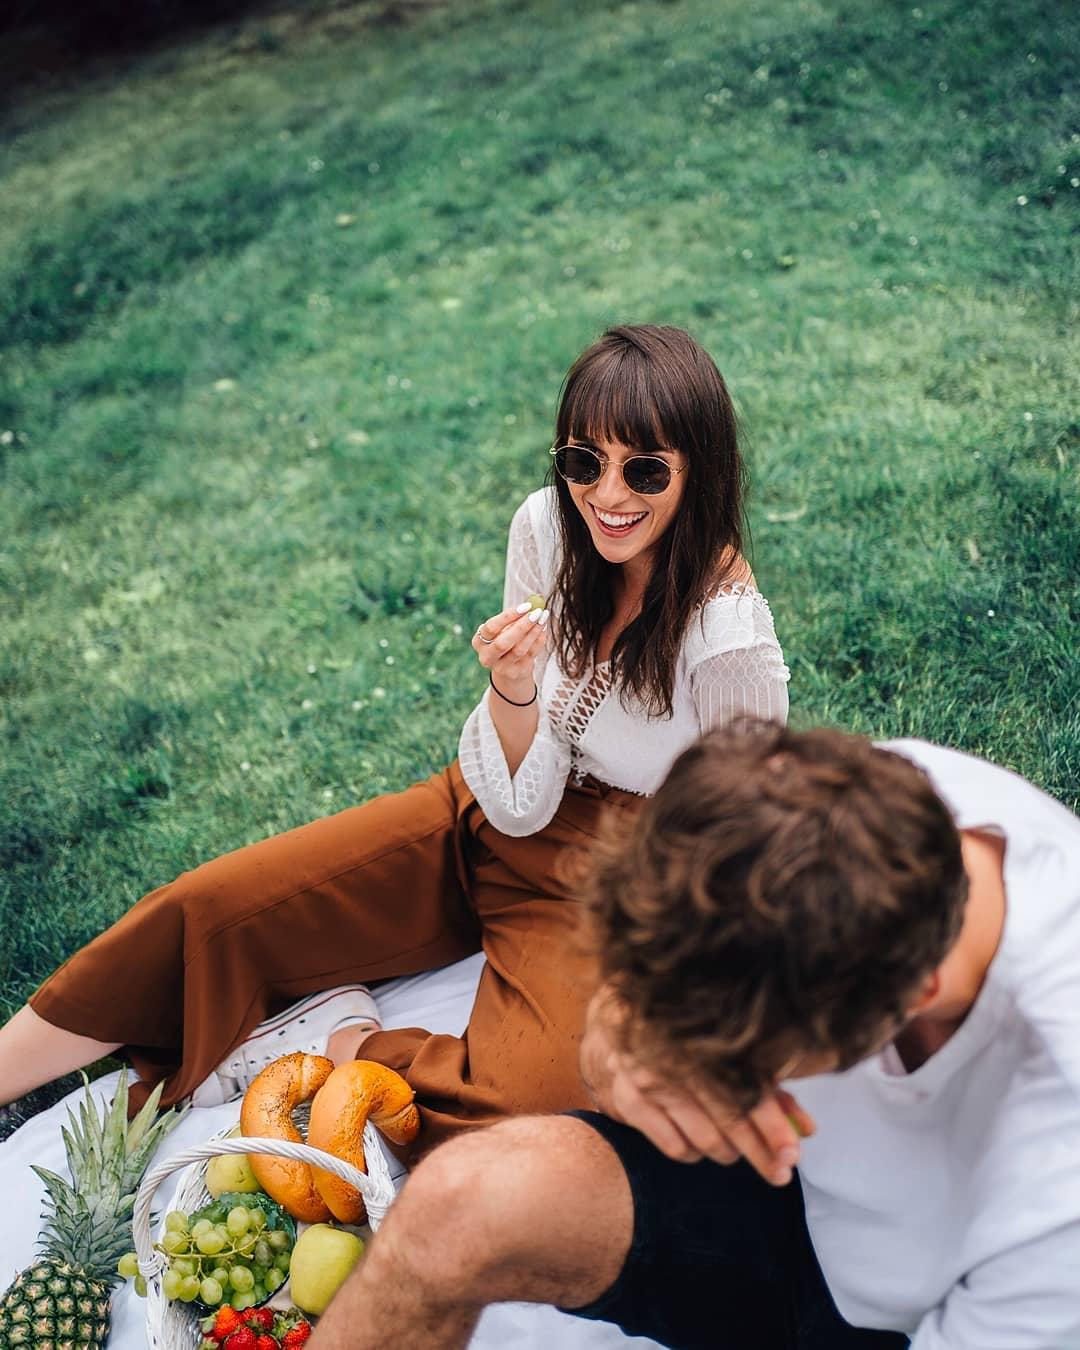 Jak zatím vypadá vaše léto? Pokud vás nebaví hledání stínu v parku a naplno si užíváte sluníčka  inspirujte se u nás a chraňte svůj zrak třeba těmito #Meller slunečními brýlemi  . . . . #slunecnibryle #vasecocky #sunglasses #sunglasseslover #sunglassestrends #eyewearfashion #eyewearlover #sunnies #leto